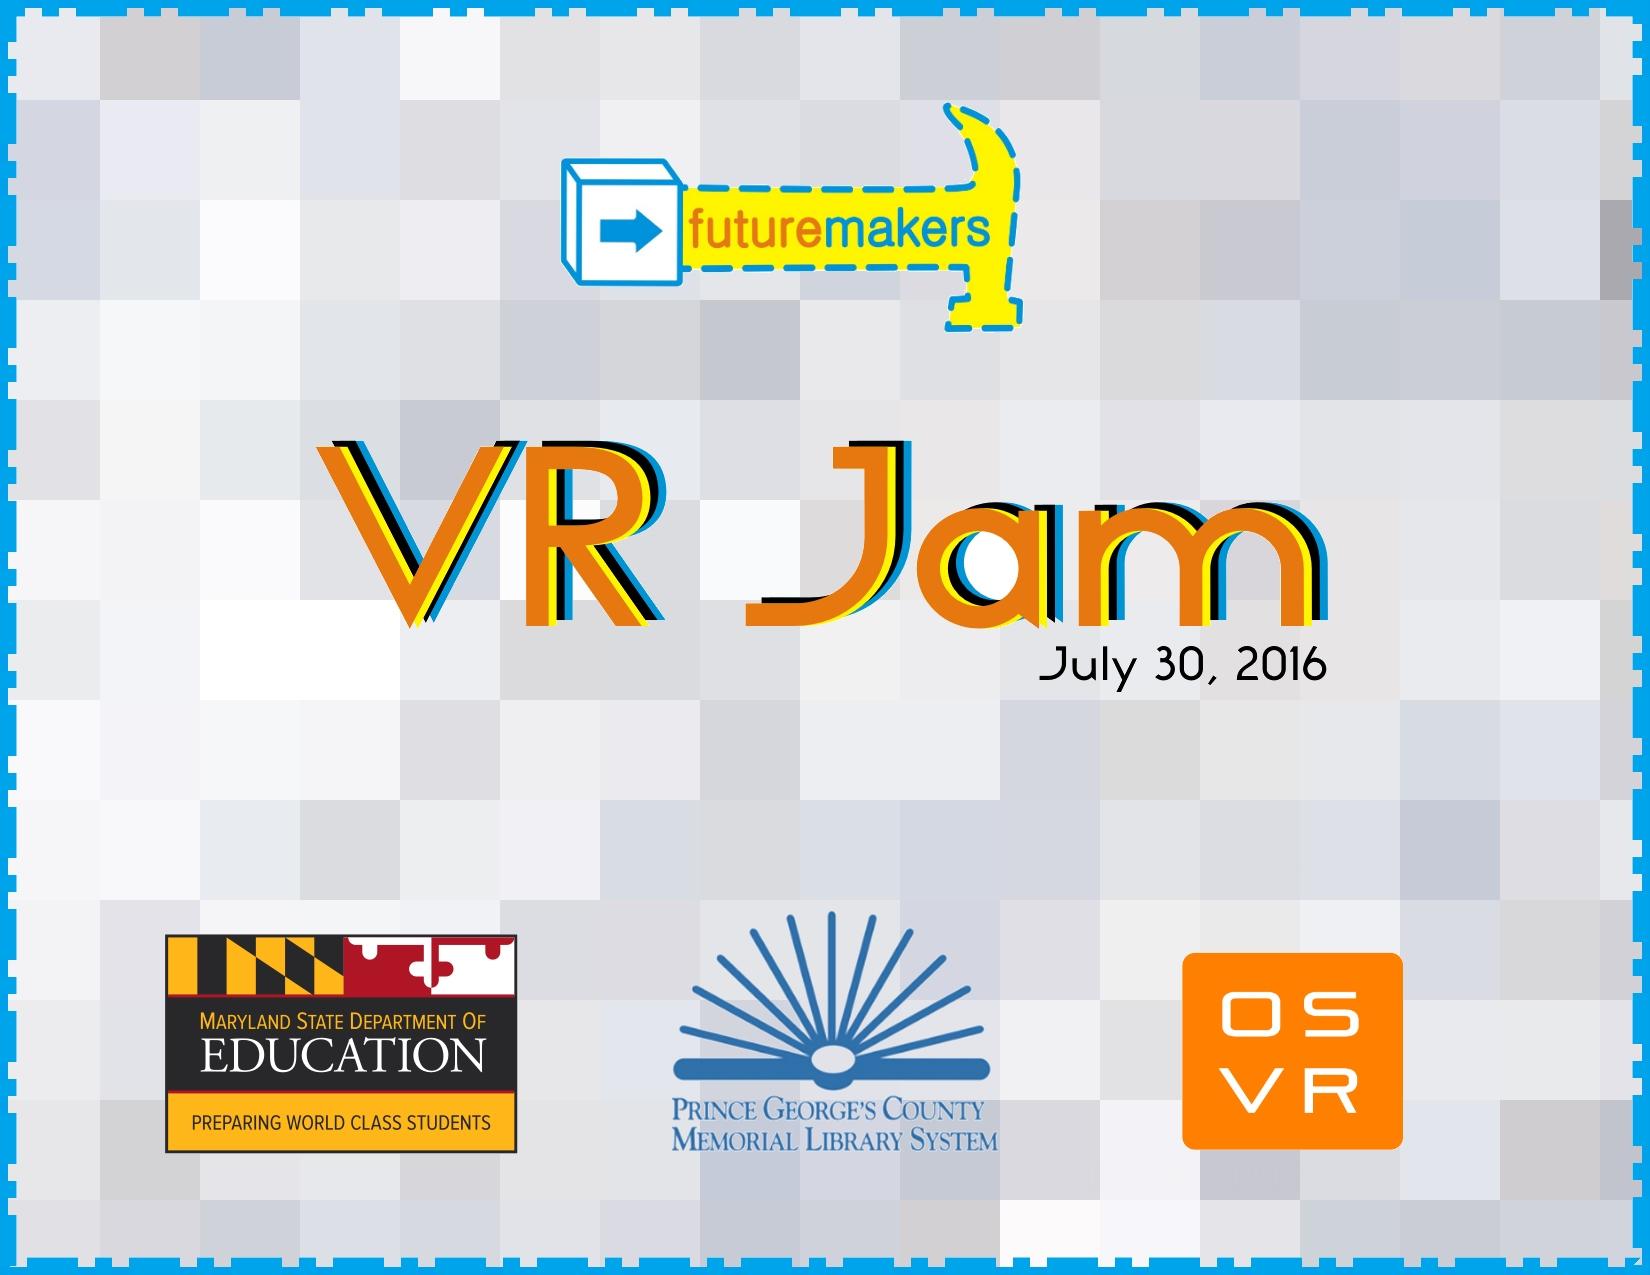 vr_jam_logo